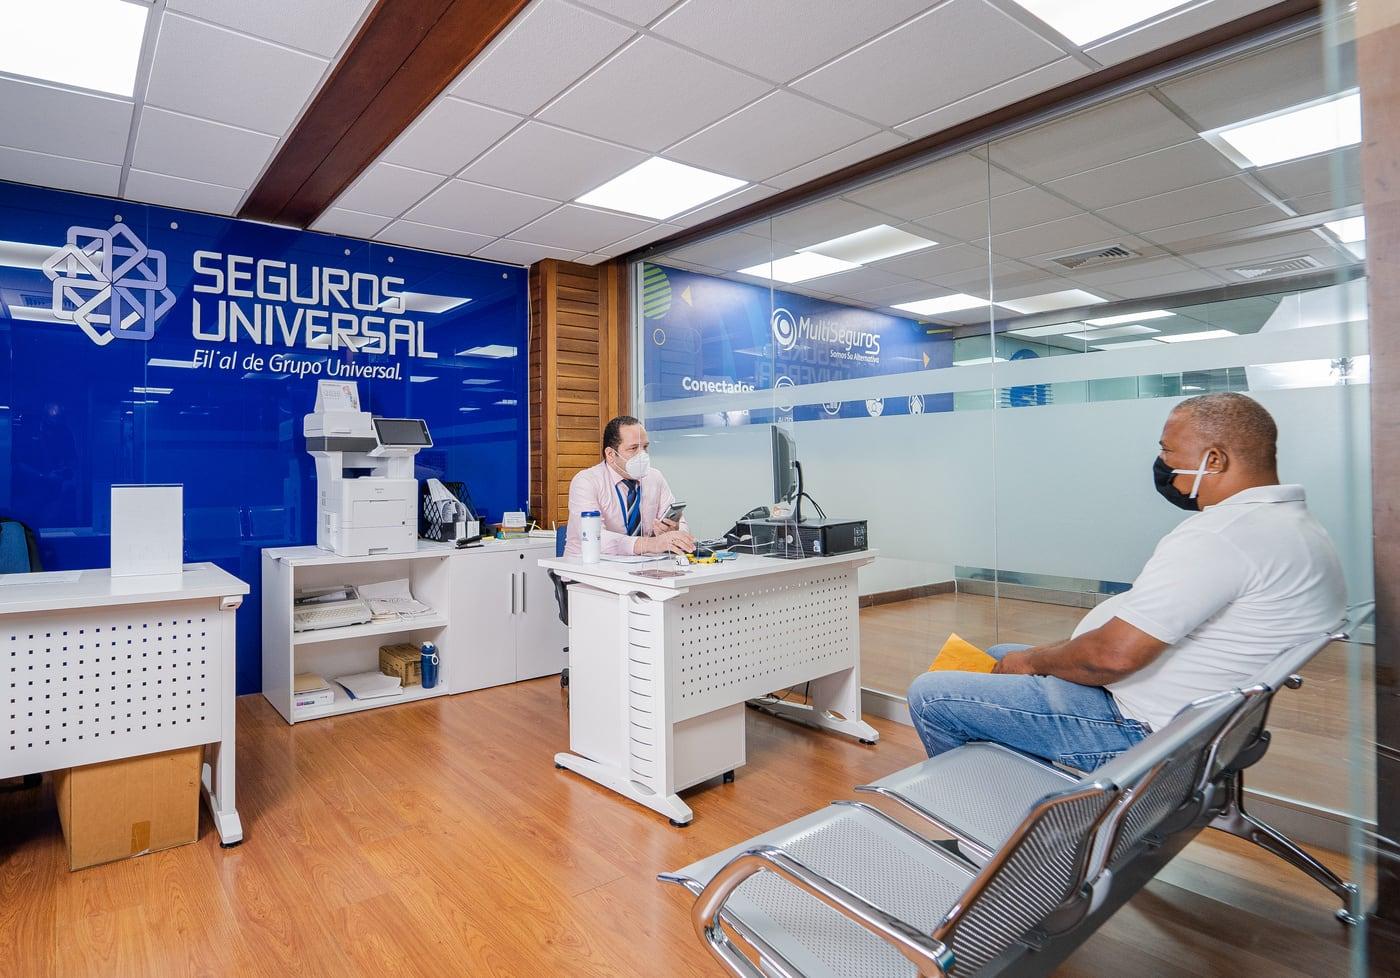 Foto de nuestras instalaciones | Z1tsCwvv3Cz0u009q28545a8k